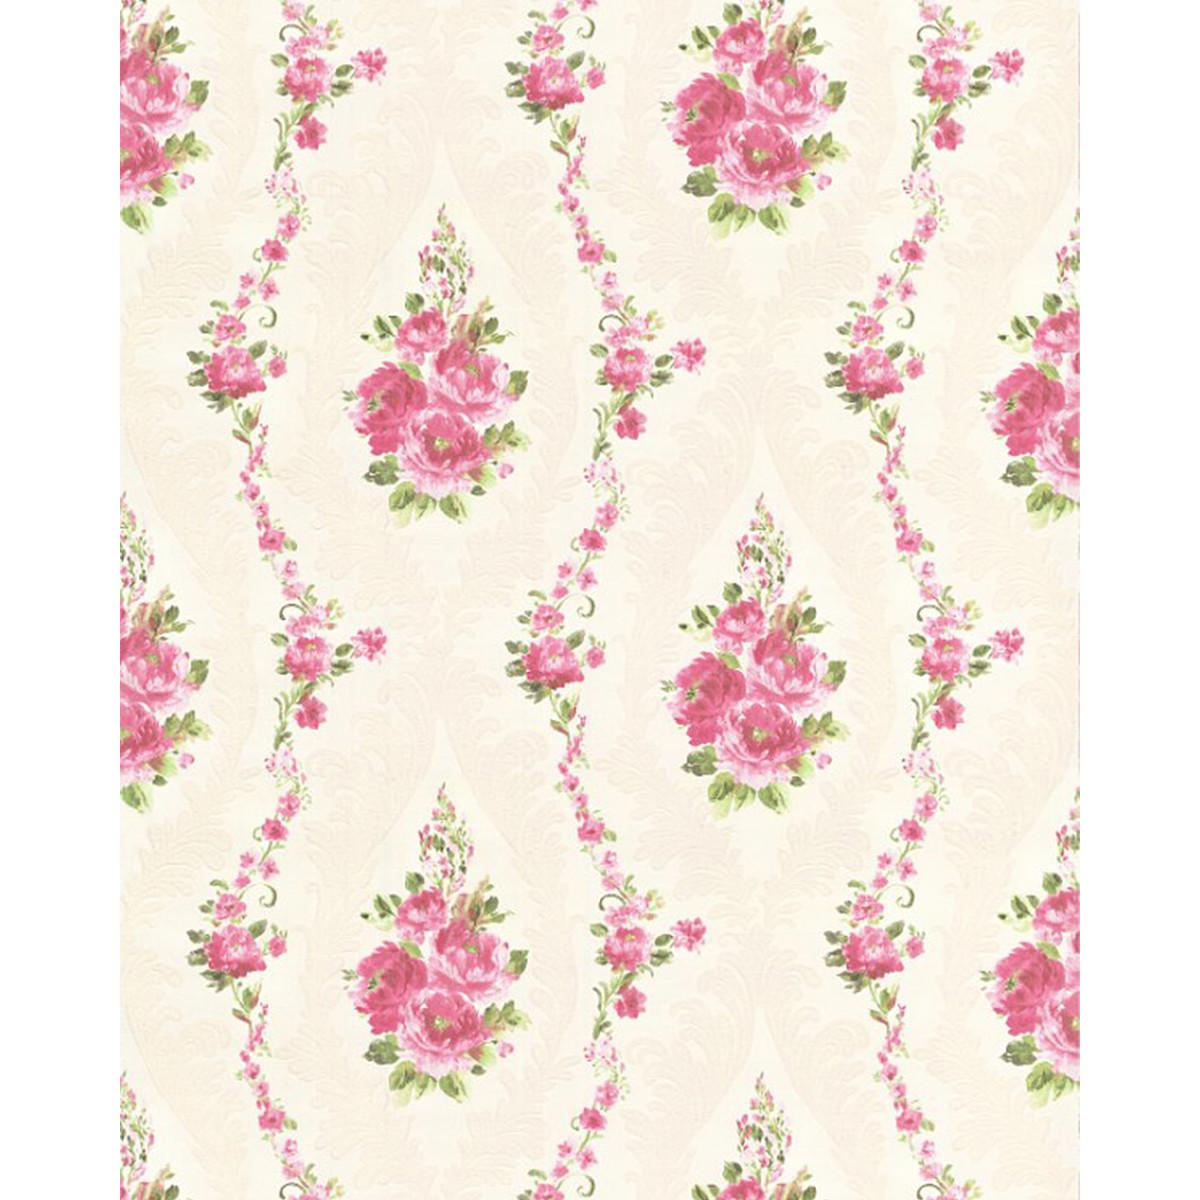 Обои флизелиновые Мир Авангард Rose Krep розовые 1.06 м 35994-1